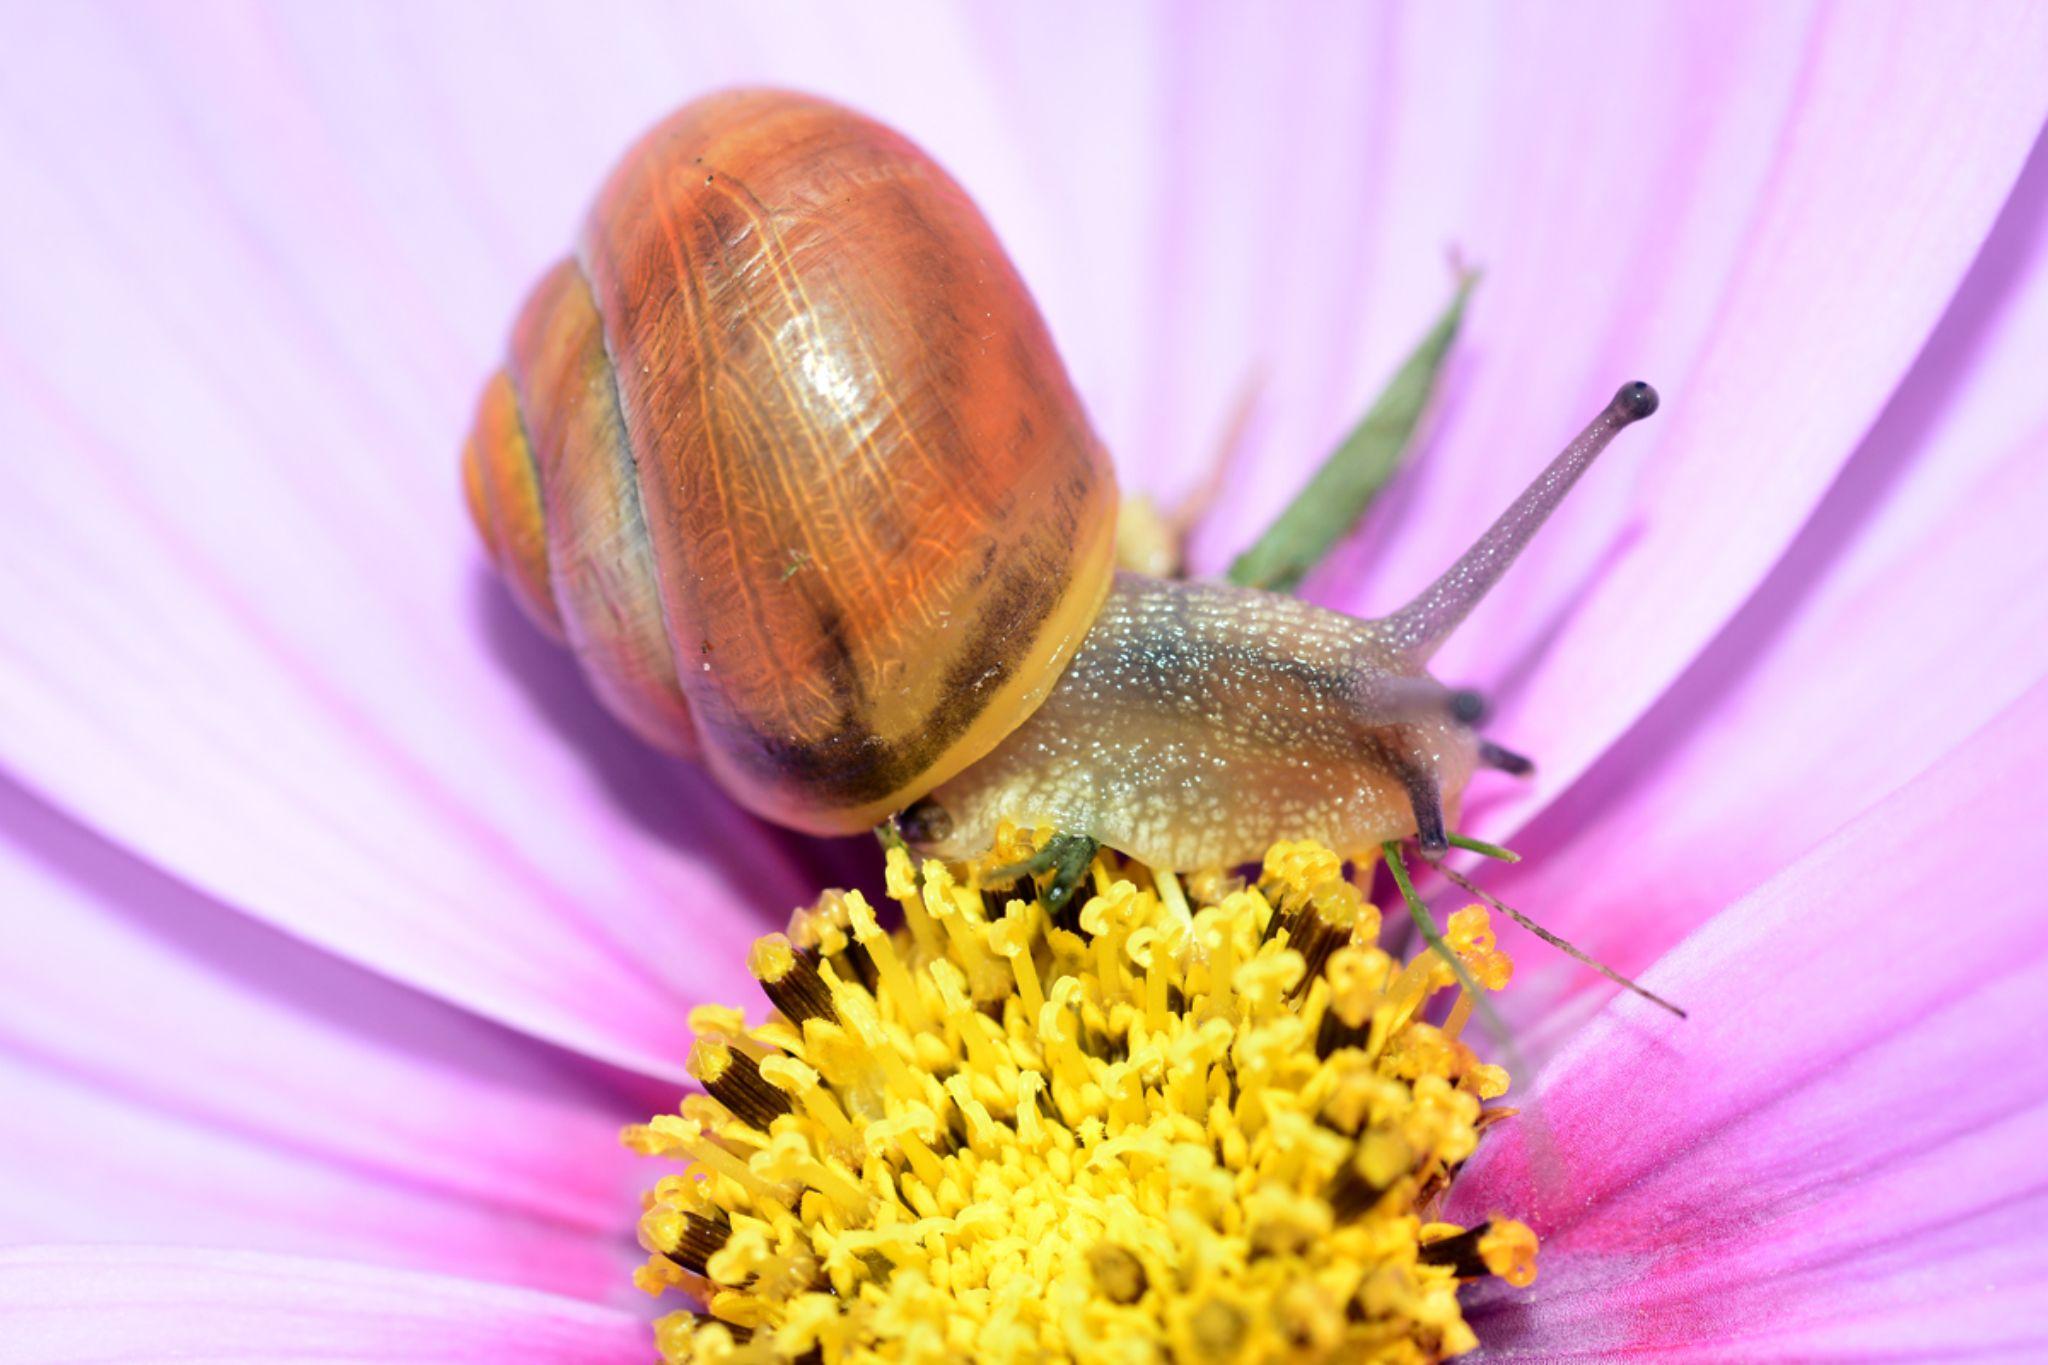 Snail by tommytechno